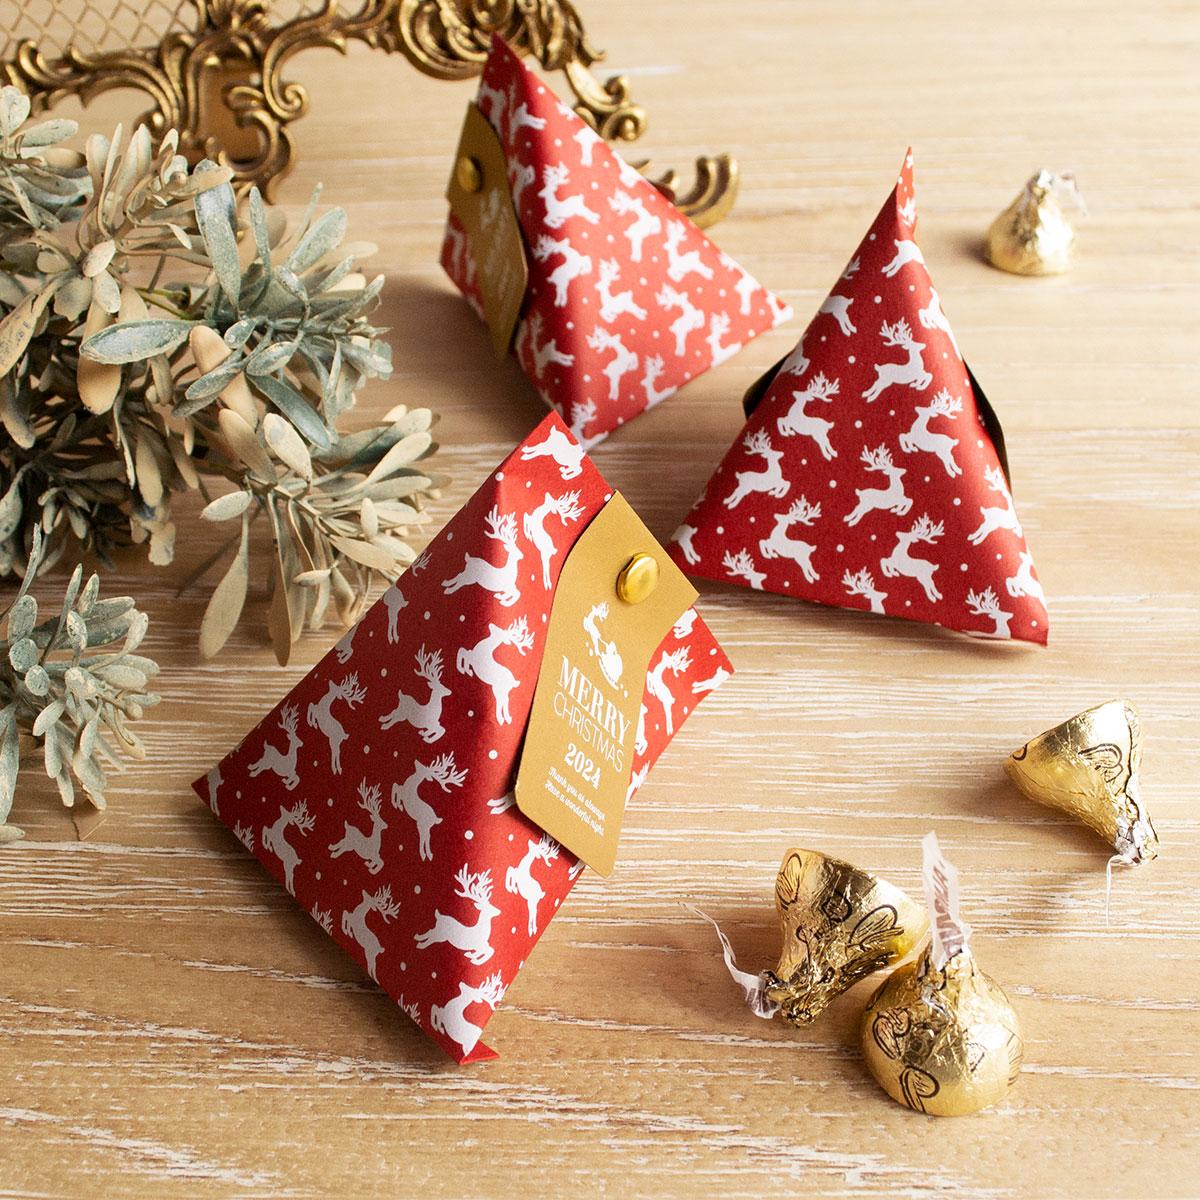 クリスマス柄のおしゃれなテトラパック手作りキット【ラッピング】【プチギフト】